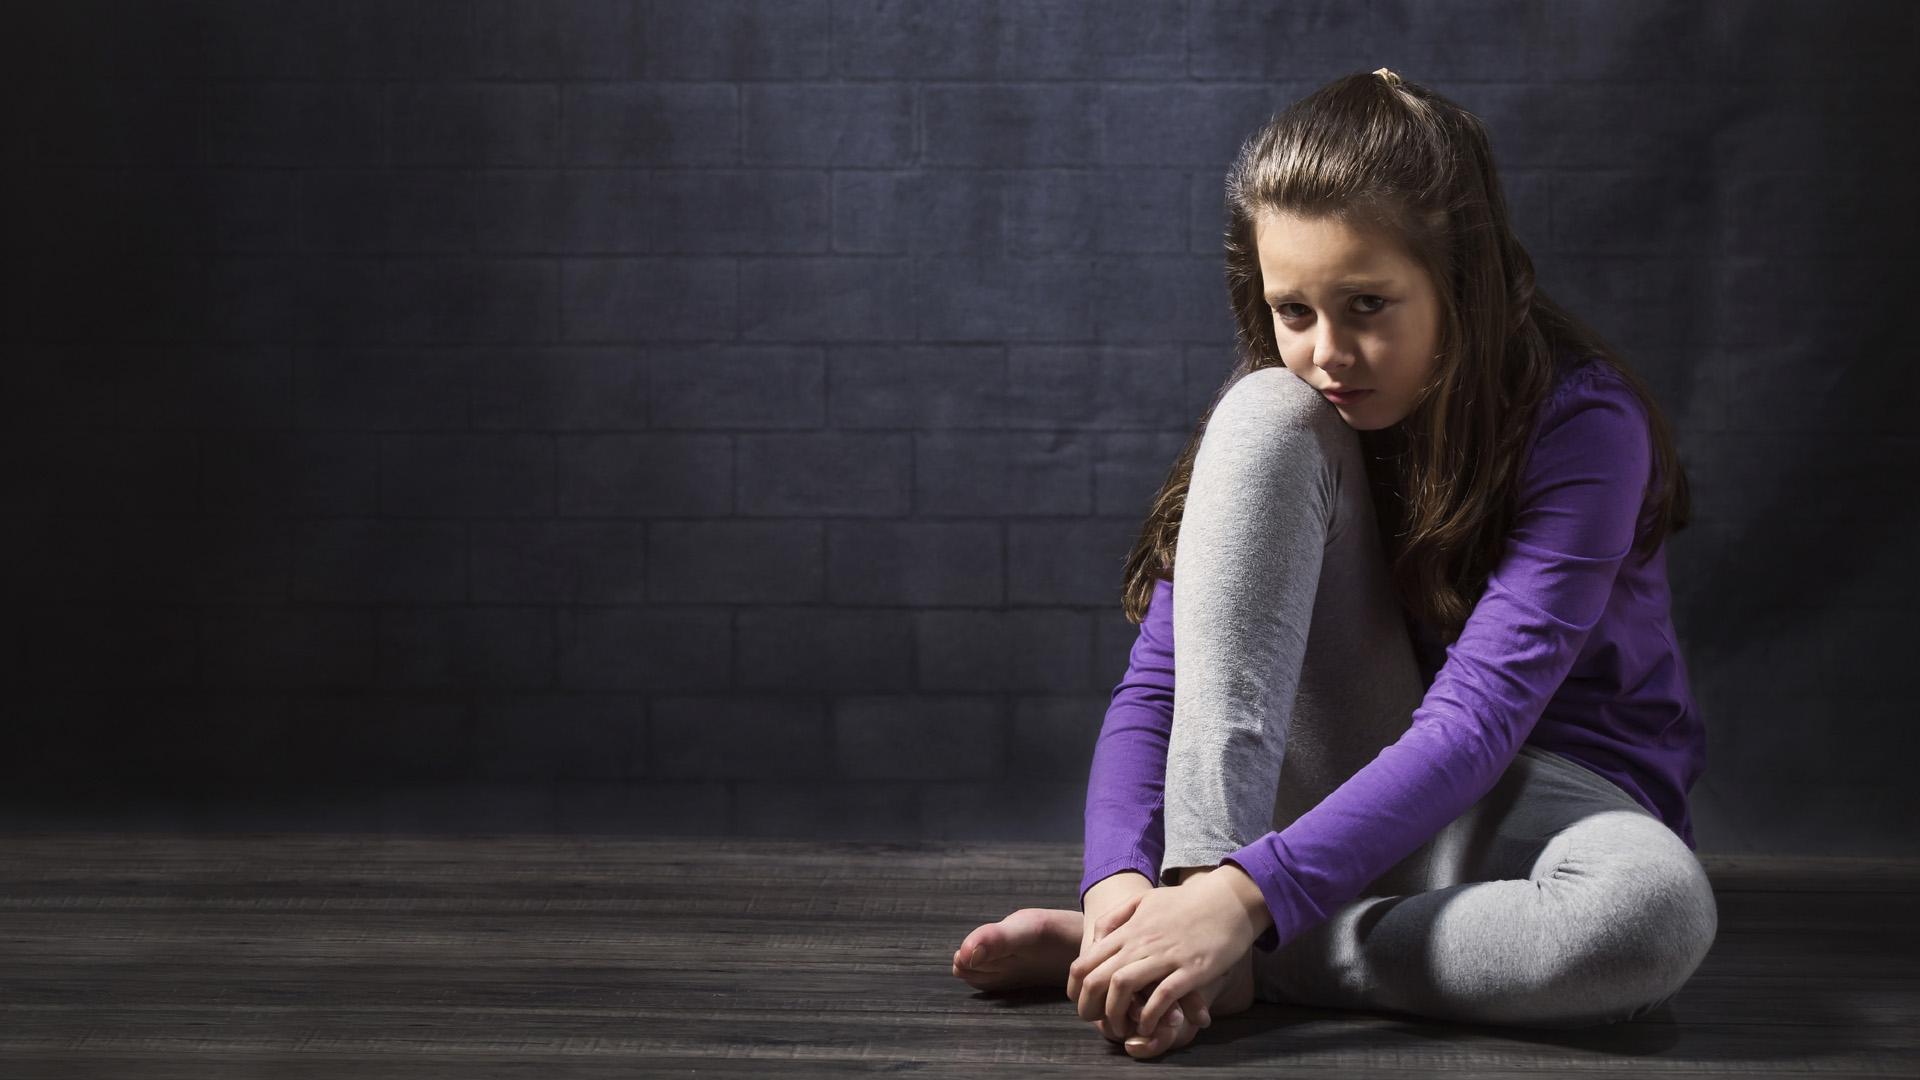 El estudio afirma que los niños maltratados tienden a ver los rostros de otras personas como enfadados o llenos de ira